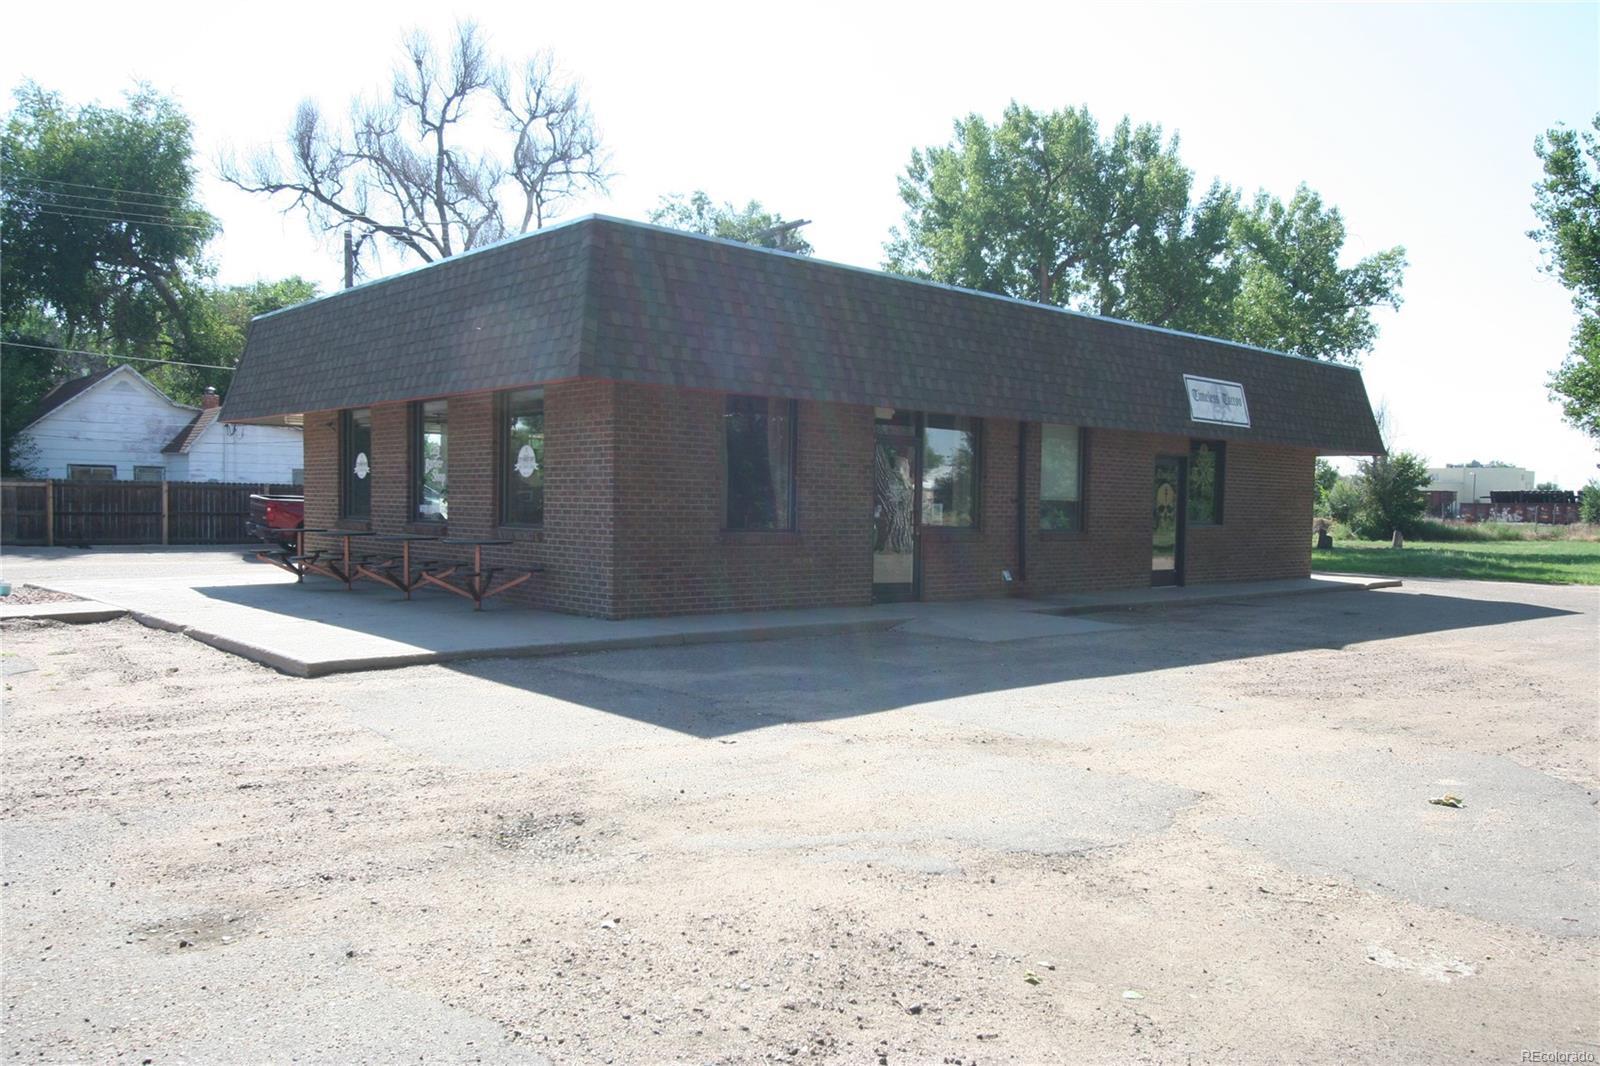 906 Edison Street, Brush, CO 80723 - Brush, CO real estate listing